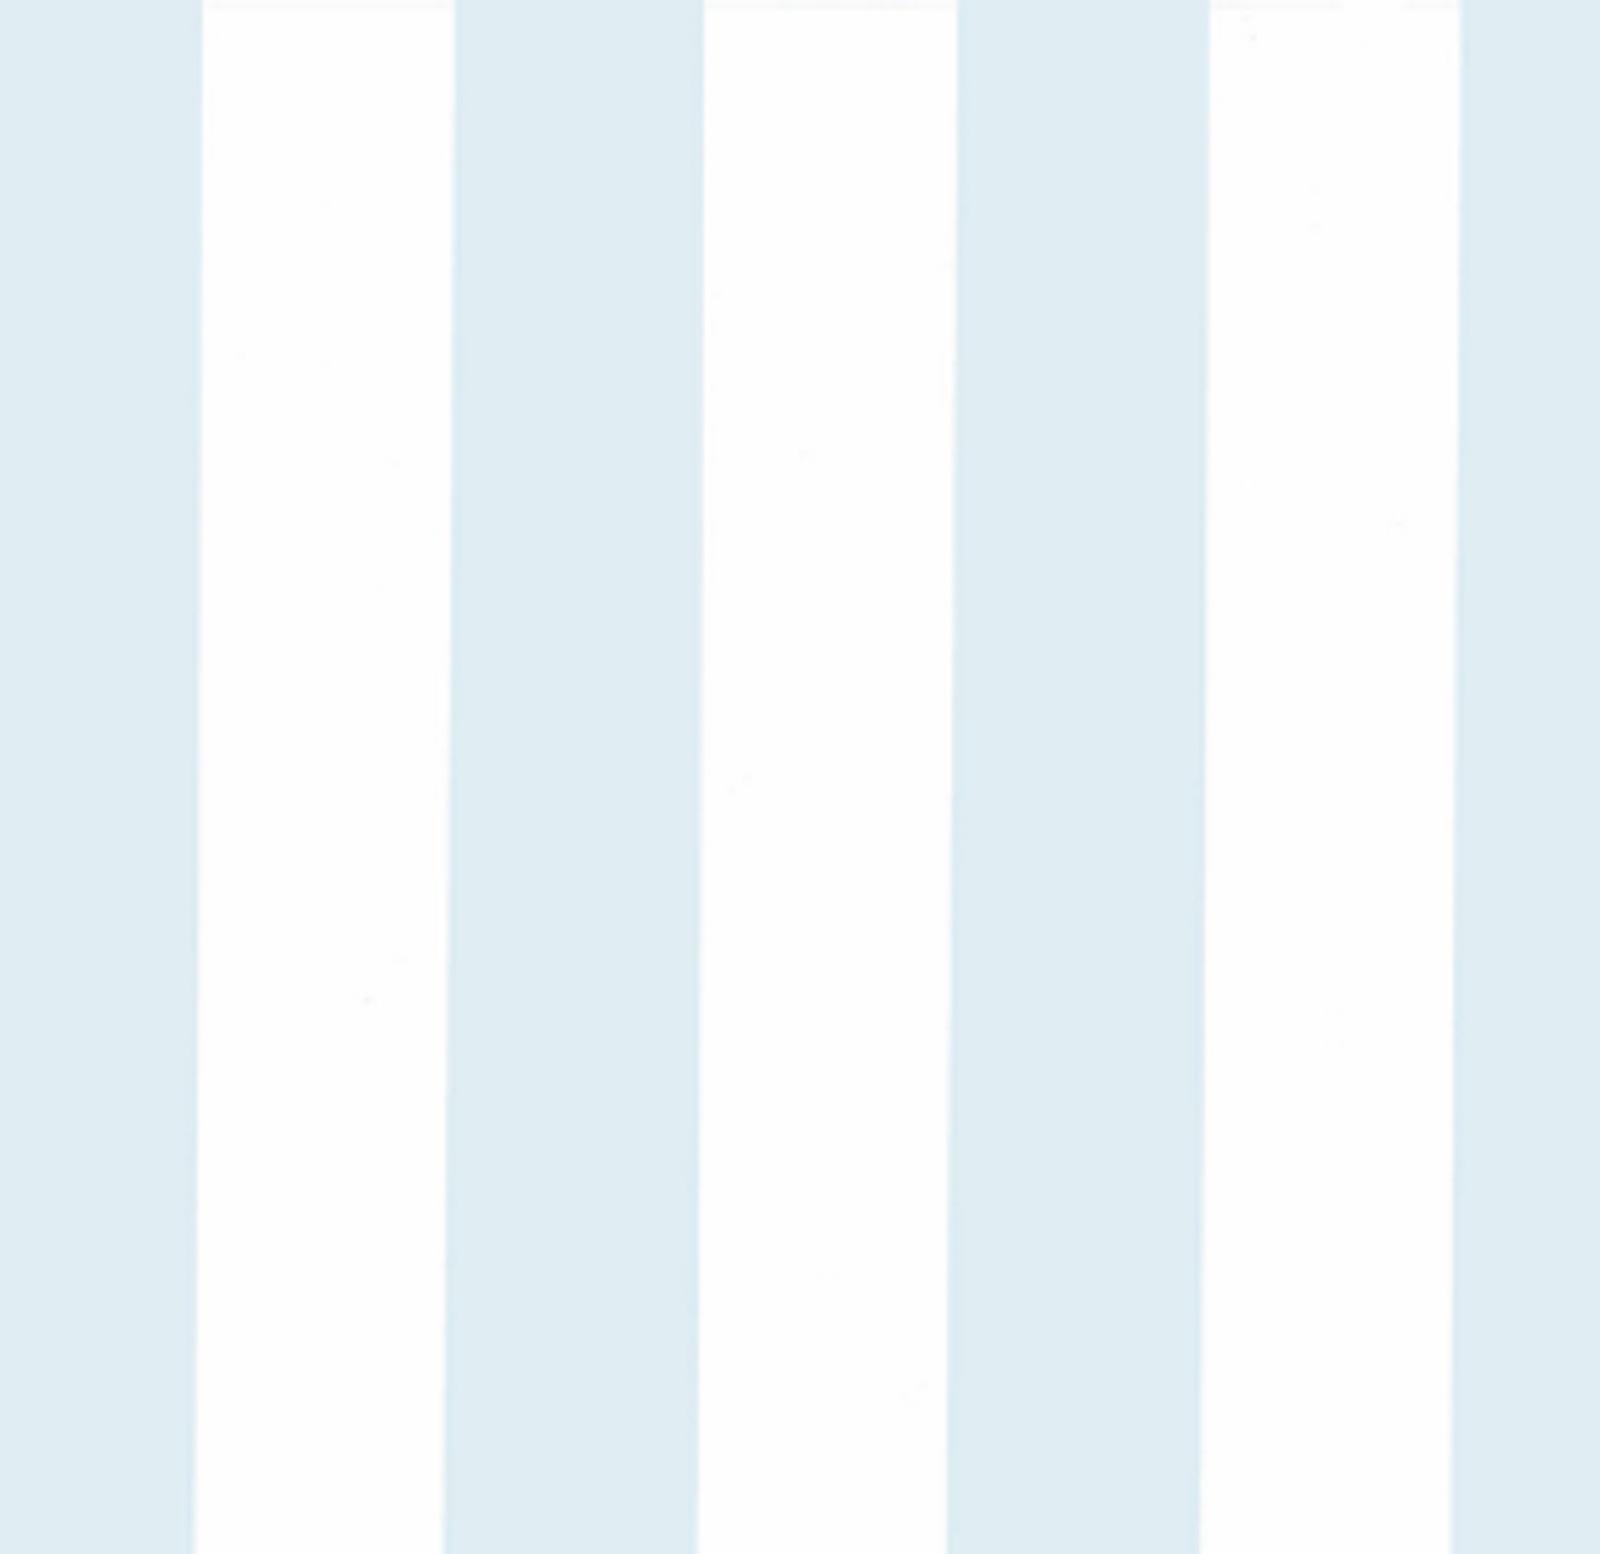 Klebefolie streifen blau wei m belfolie dekorfolie 45cm x for Klebefolie blau